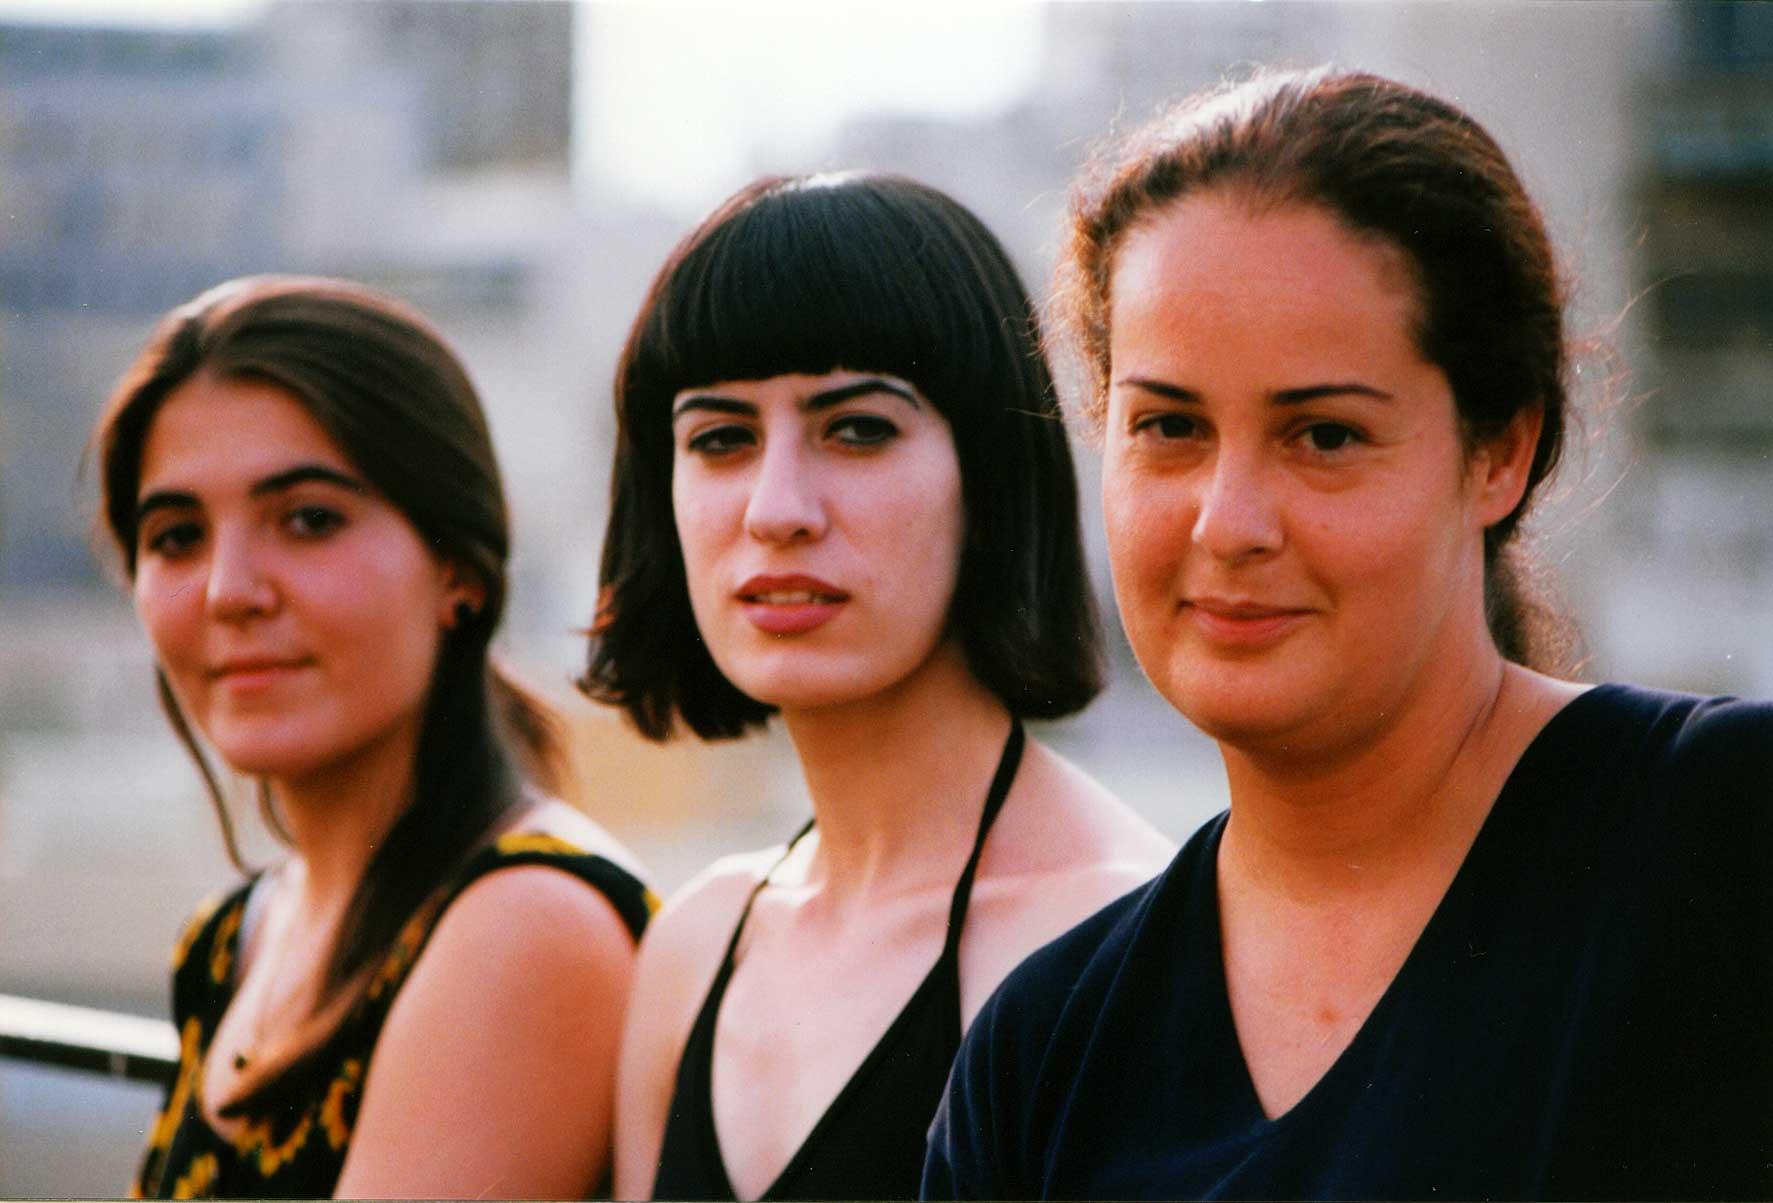 Maria De Alvear, Rosario Sanchez-Cruz, Raquel Cantero